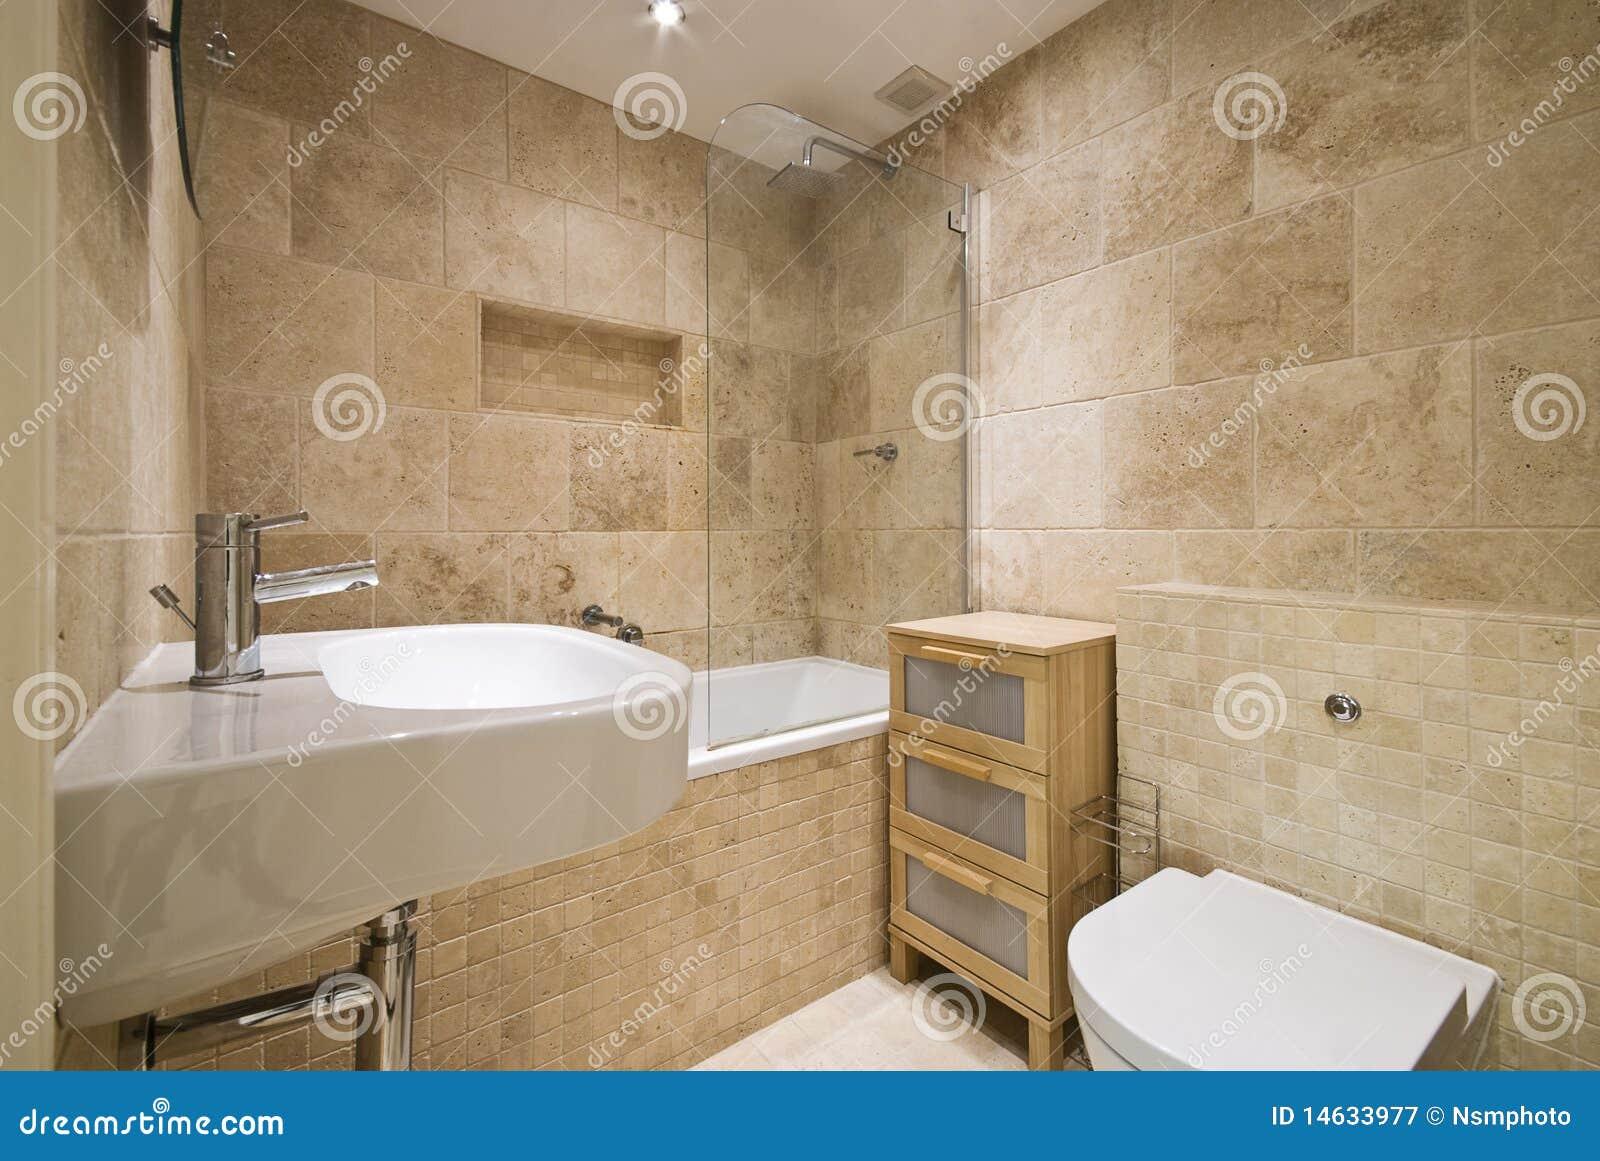 Salle de bains de luxe moderne avec les murs lapid s for Photo de salle de bain moderne